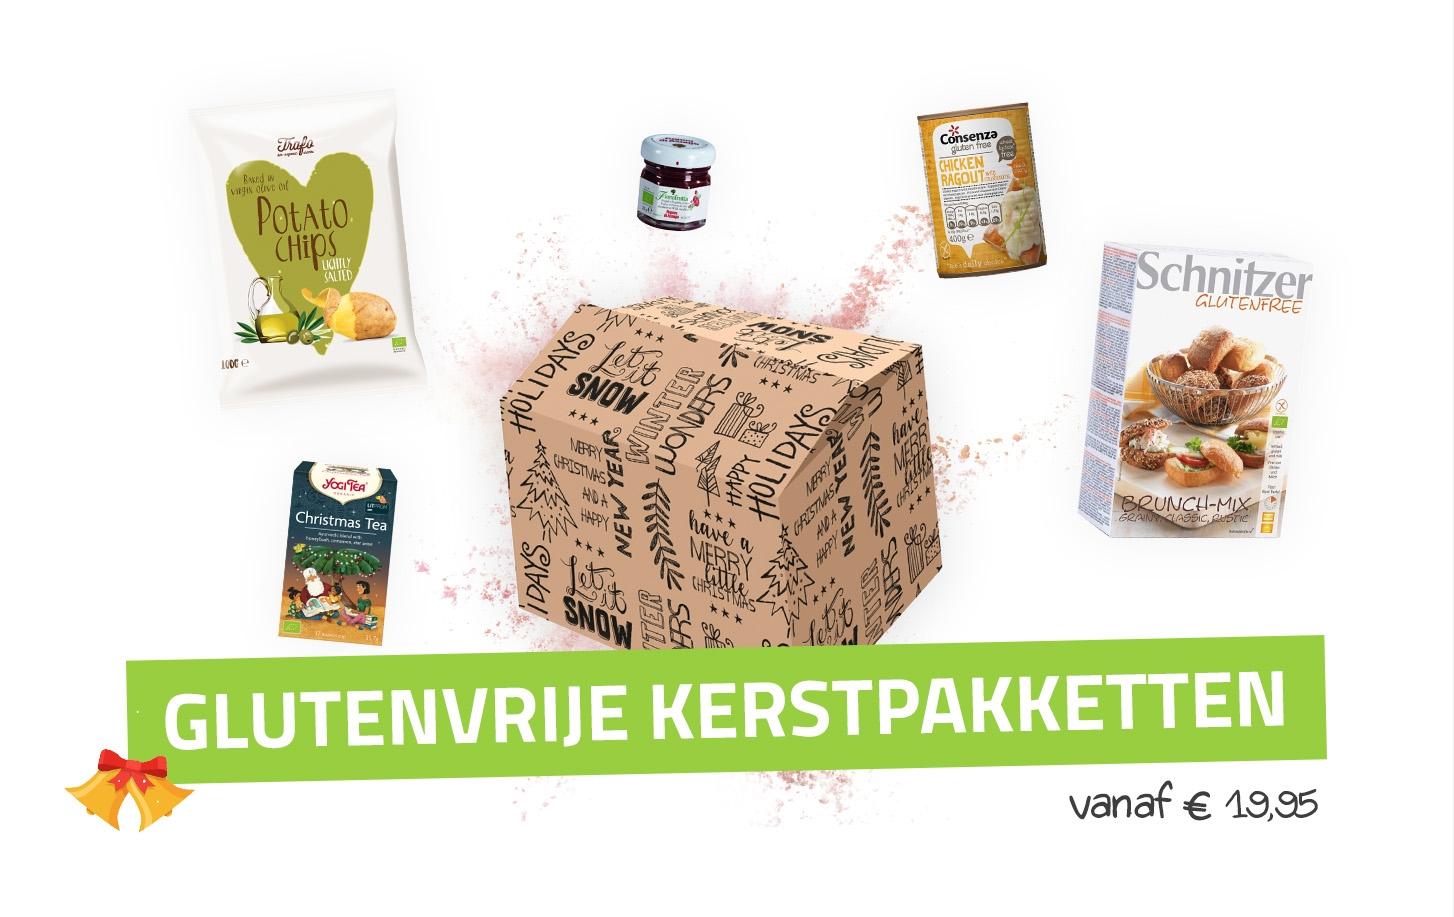 Glutenvrije Kerstpakketten